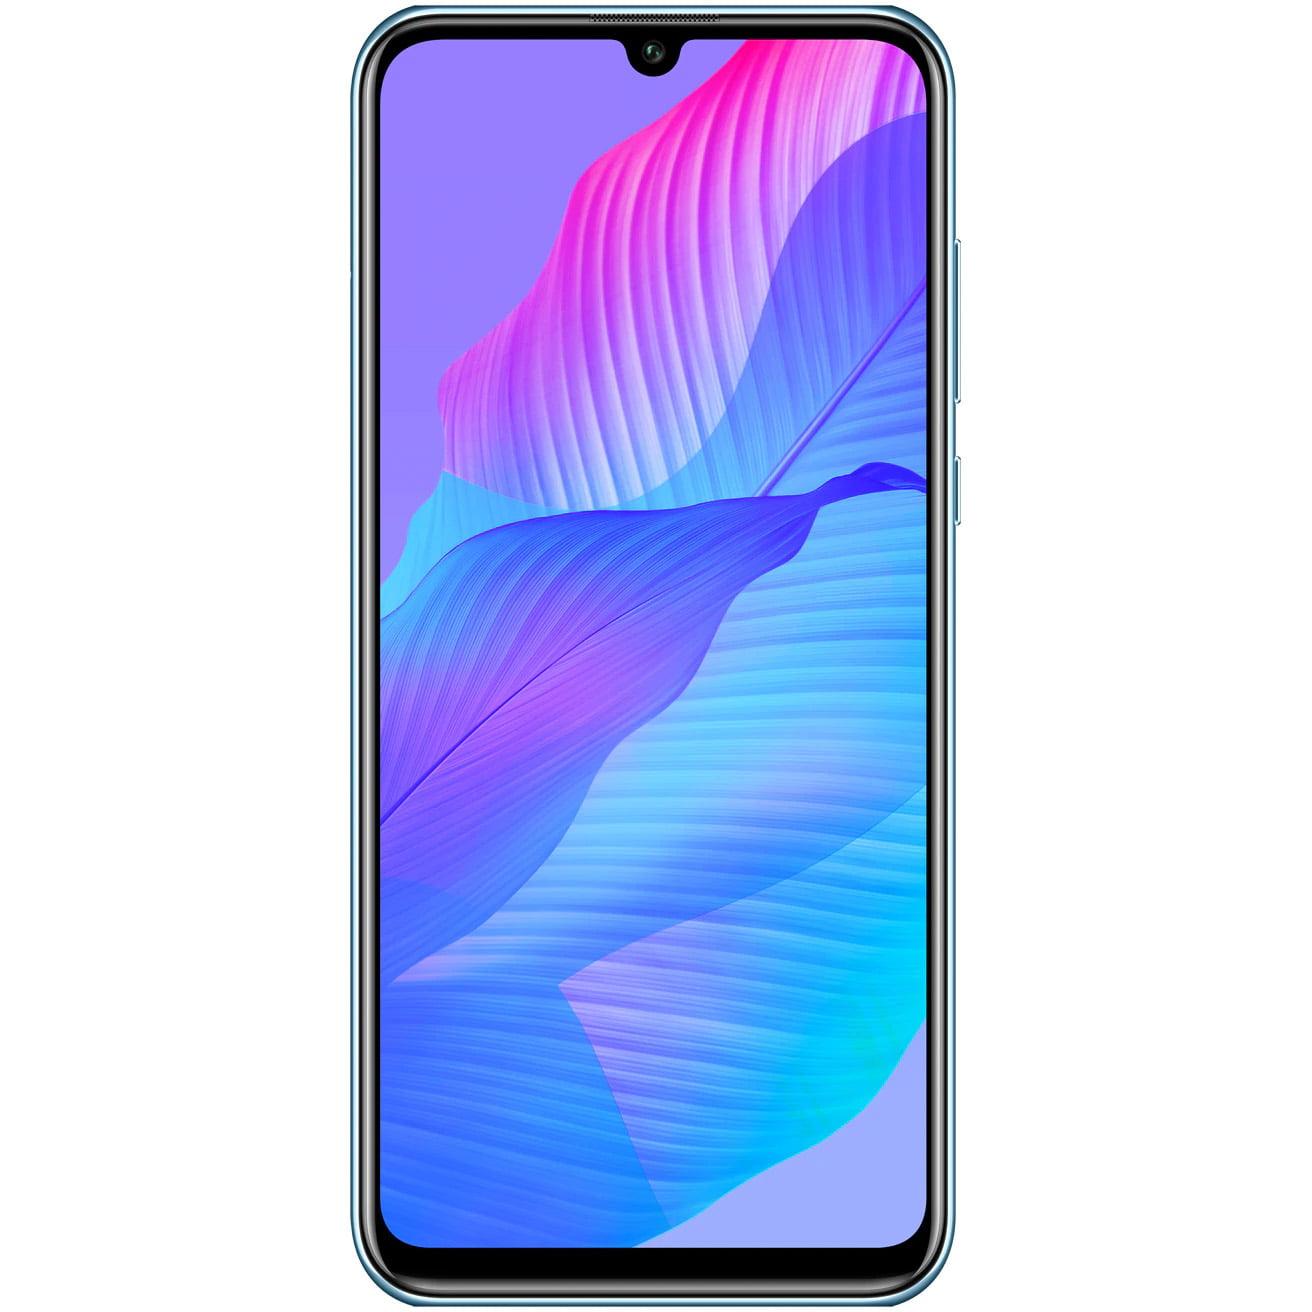 Telefon mobil Huawei P Smart S, Dual SIM, 128GB, 4GB RAM, 4G, Breathing Crystal